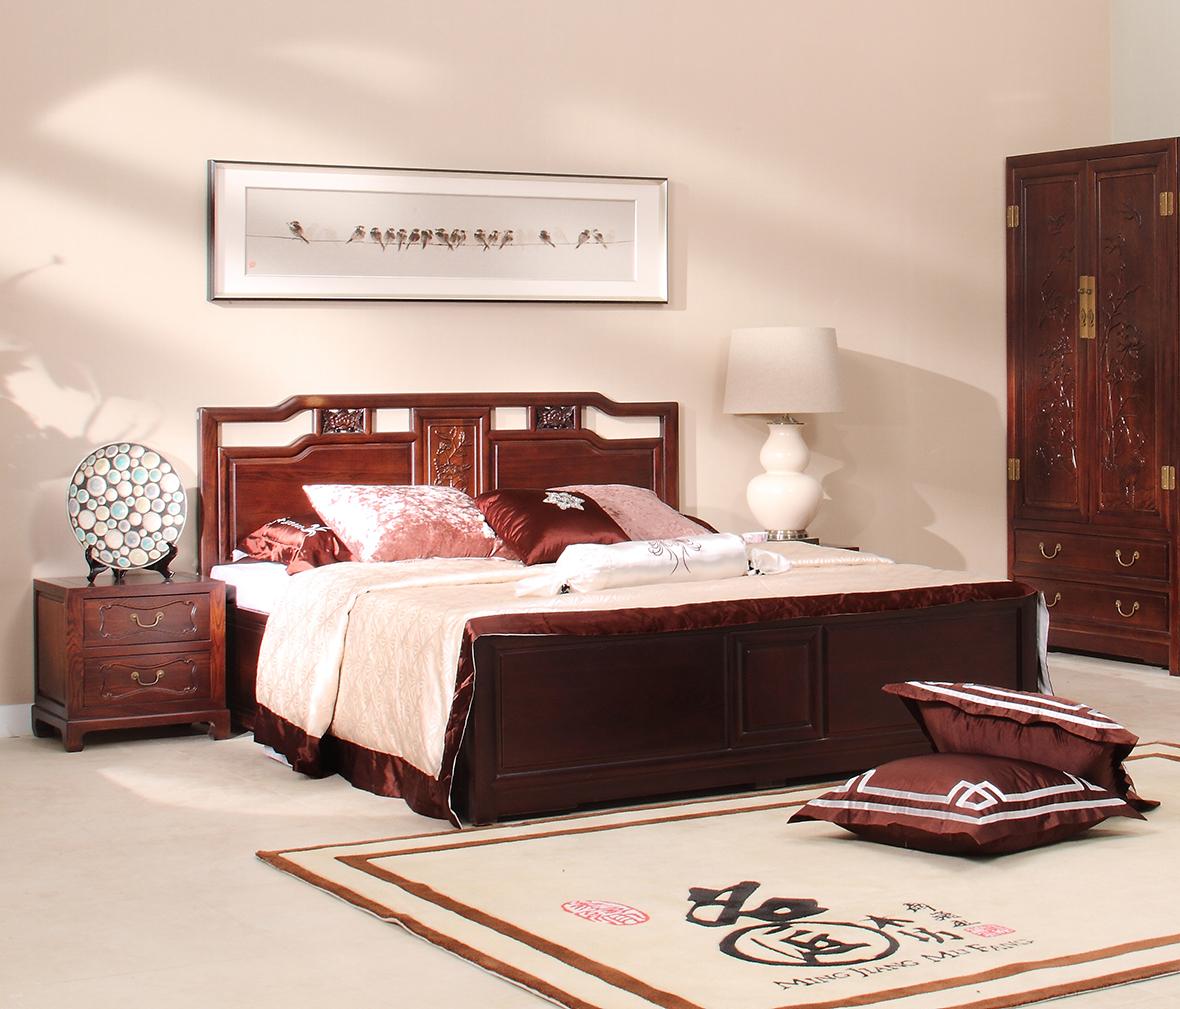 双人床 床架 祥云床 榆木材质 中式古典  眼缘:0  大自然 实木床 016